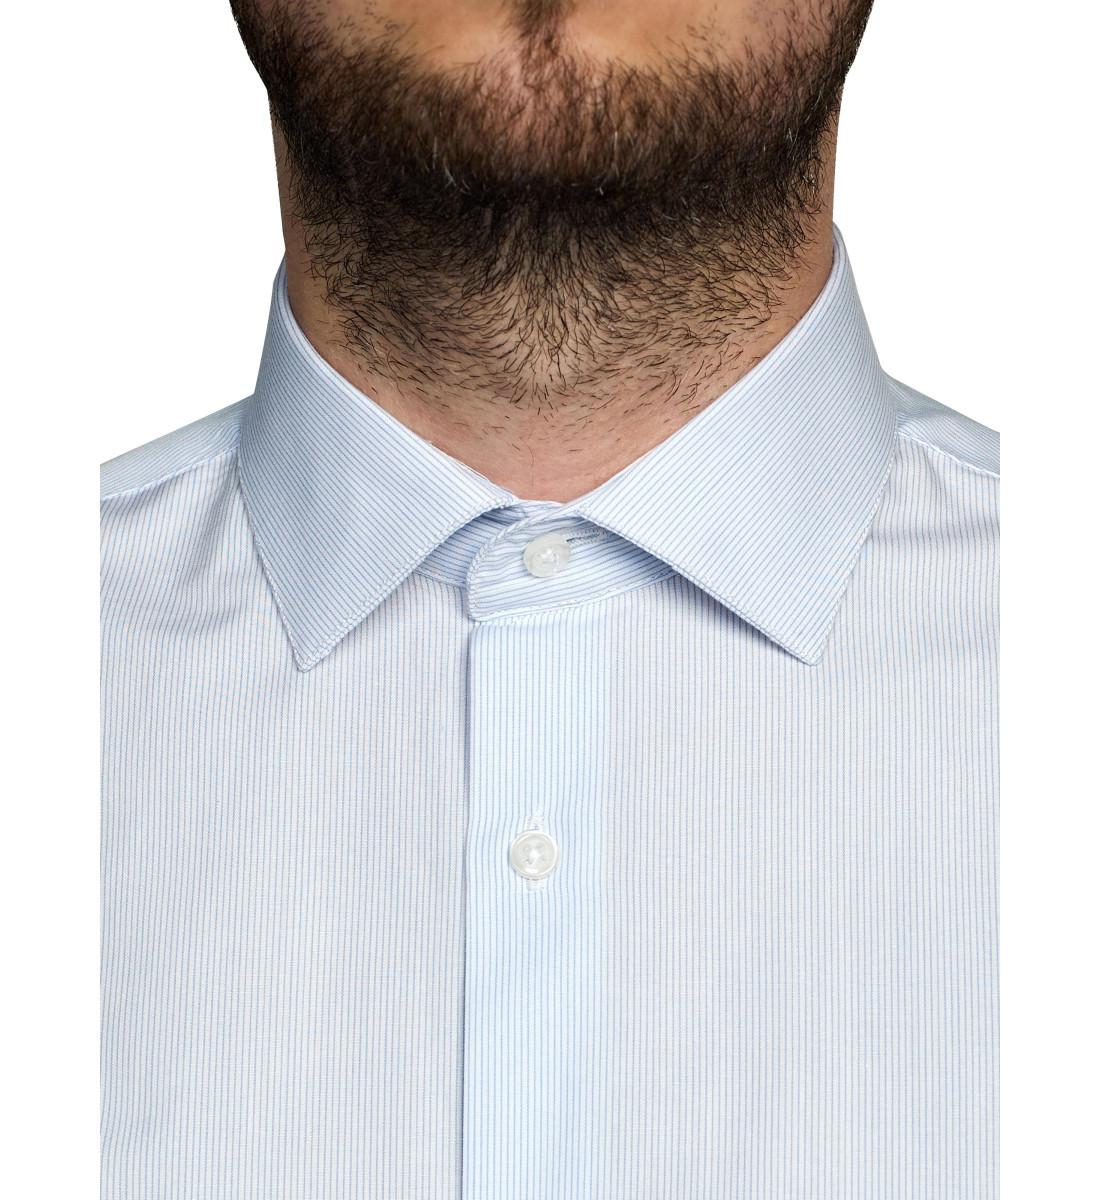 Chemise coupe droite milleraies CIEL